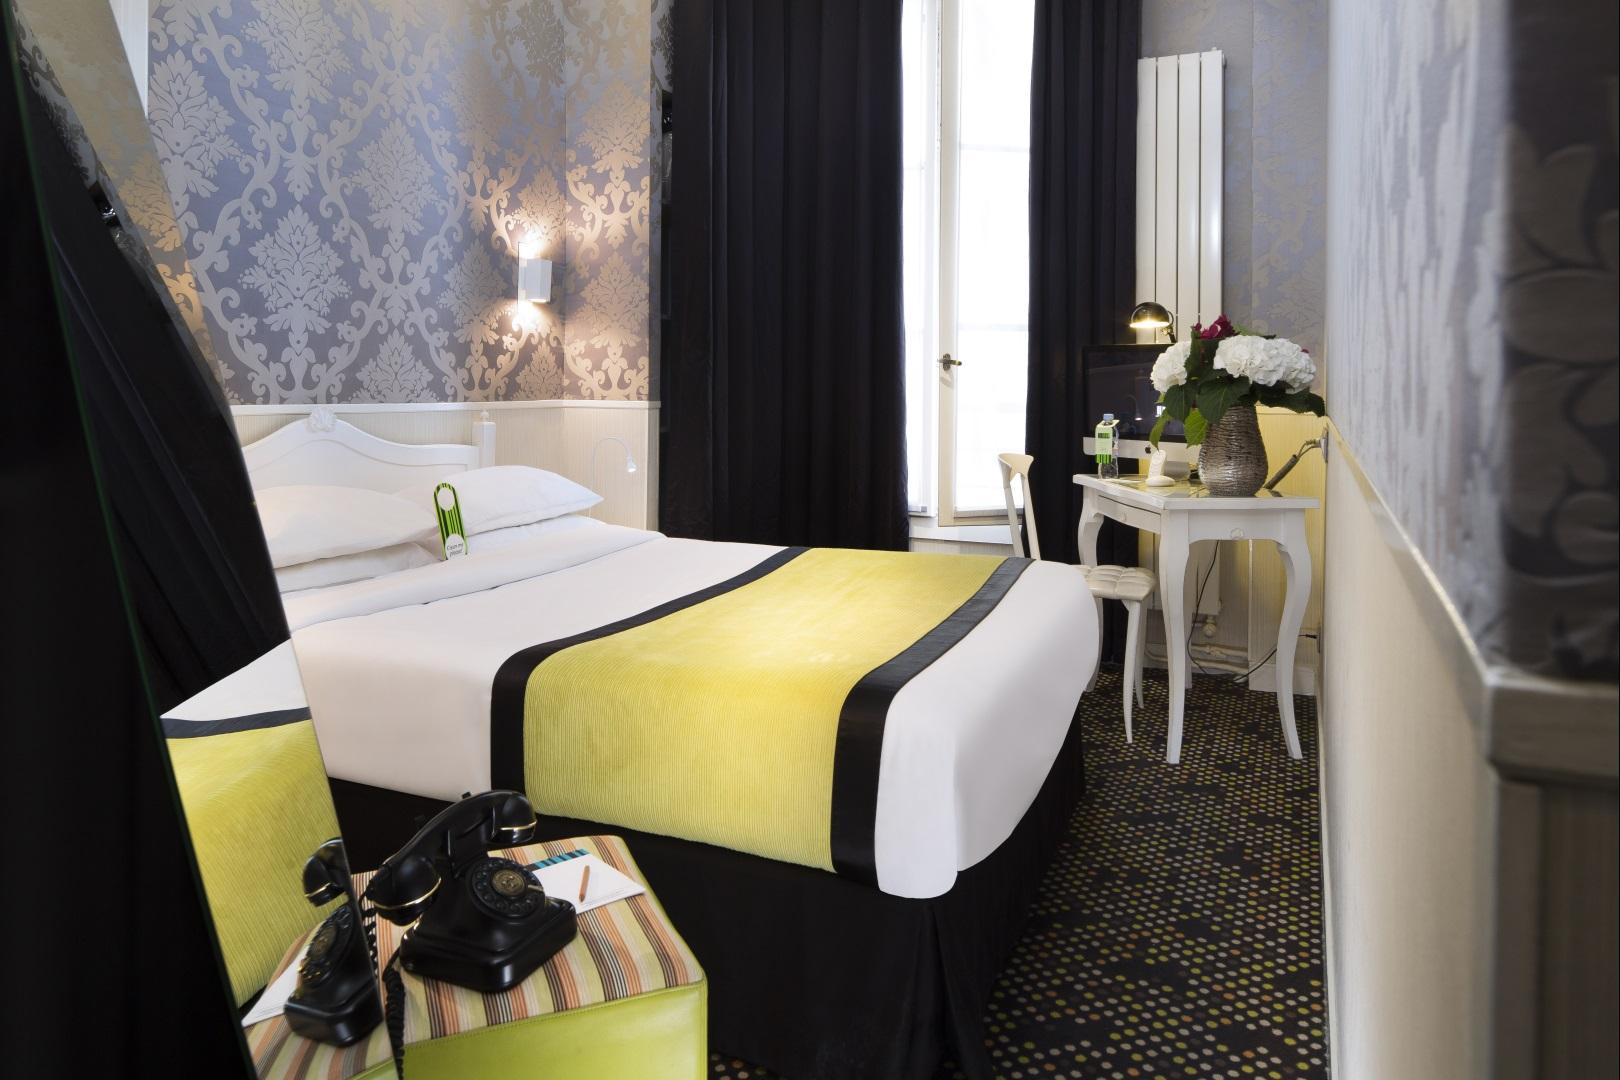 Our rooms - Hotel Design Sorbonne, Pantheon, Saint Germain des Pres